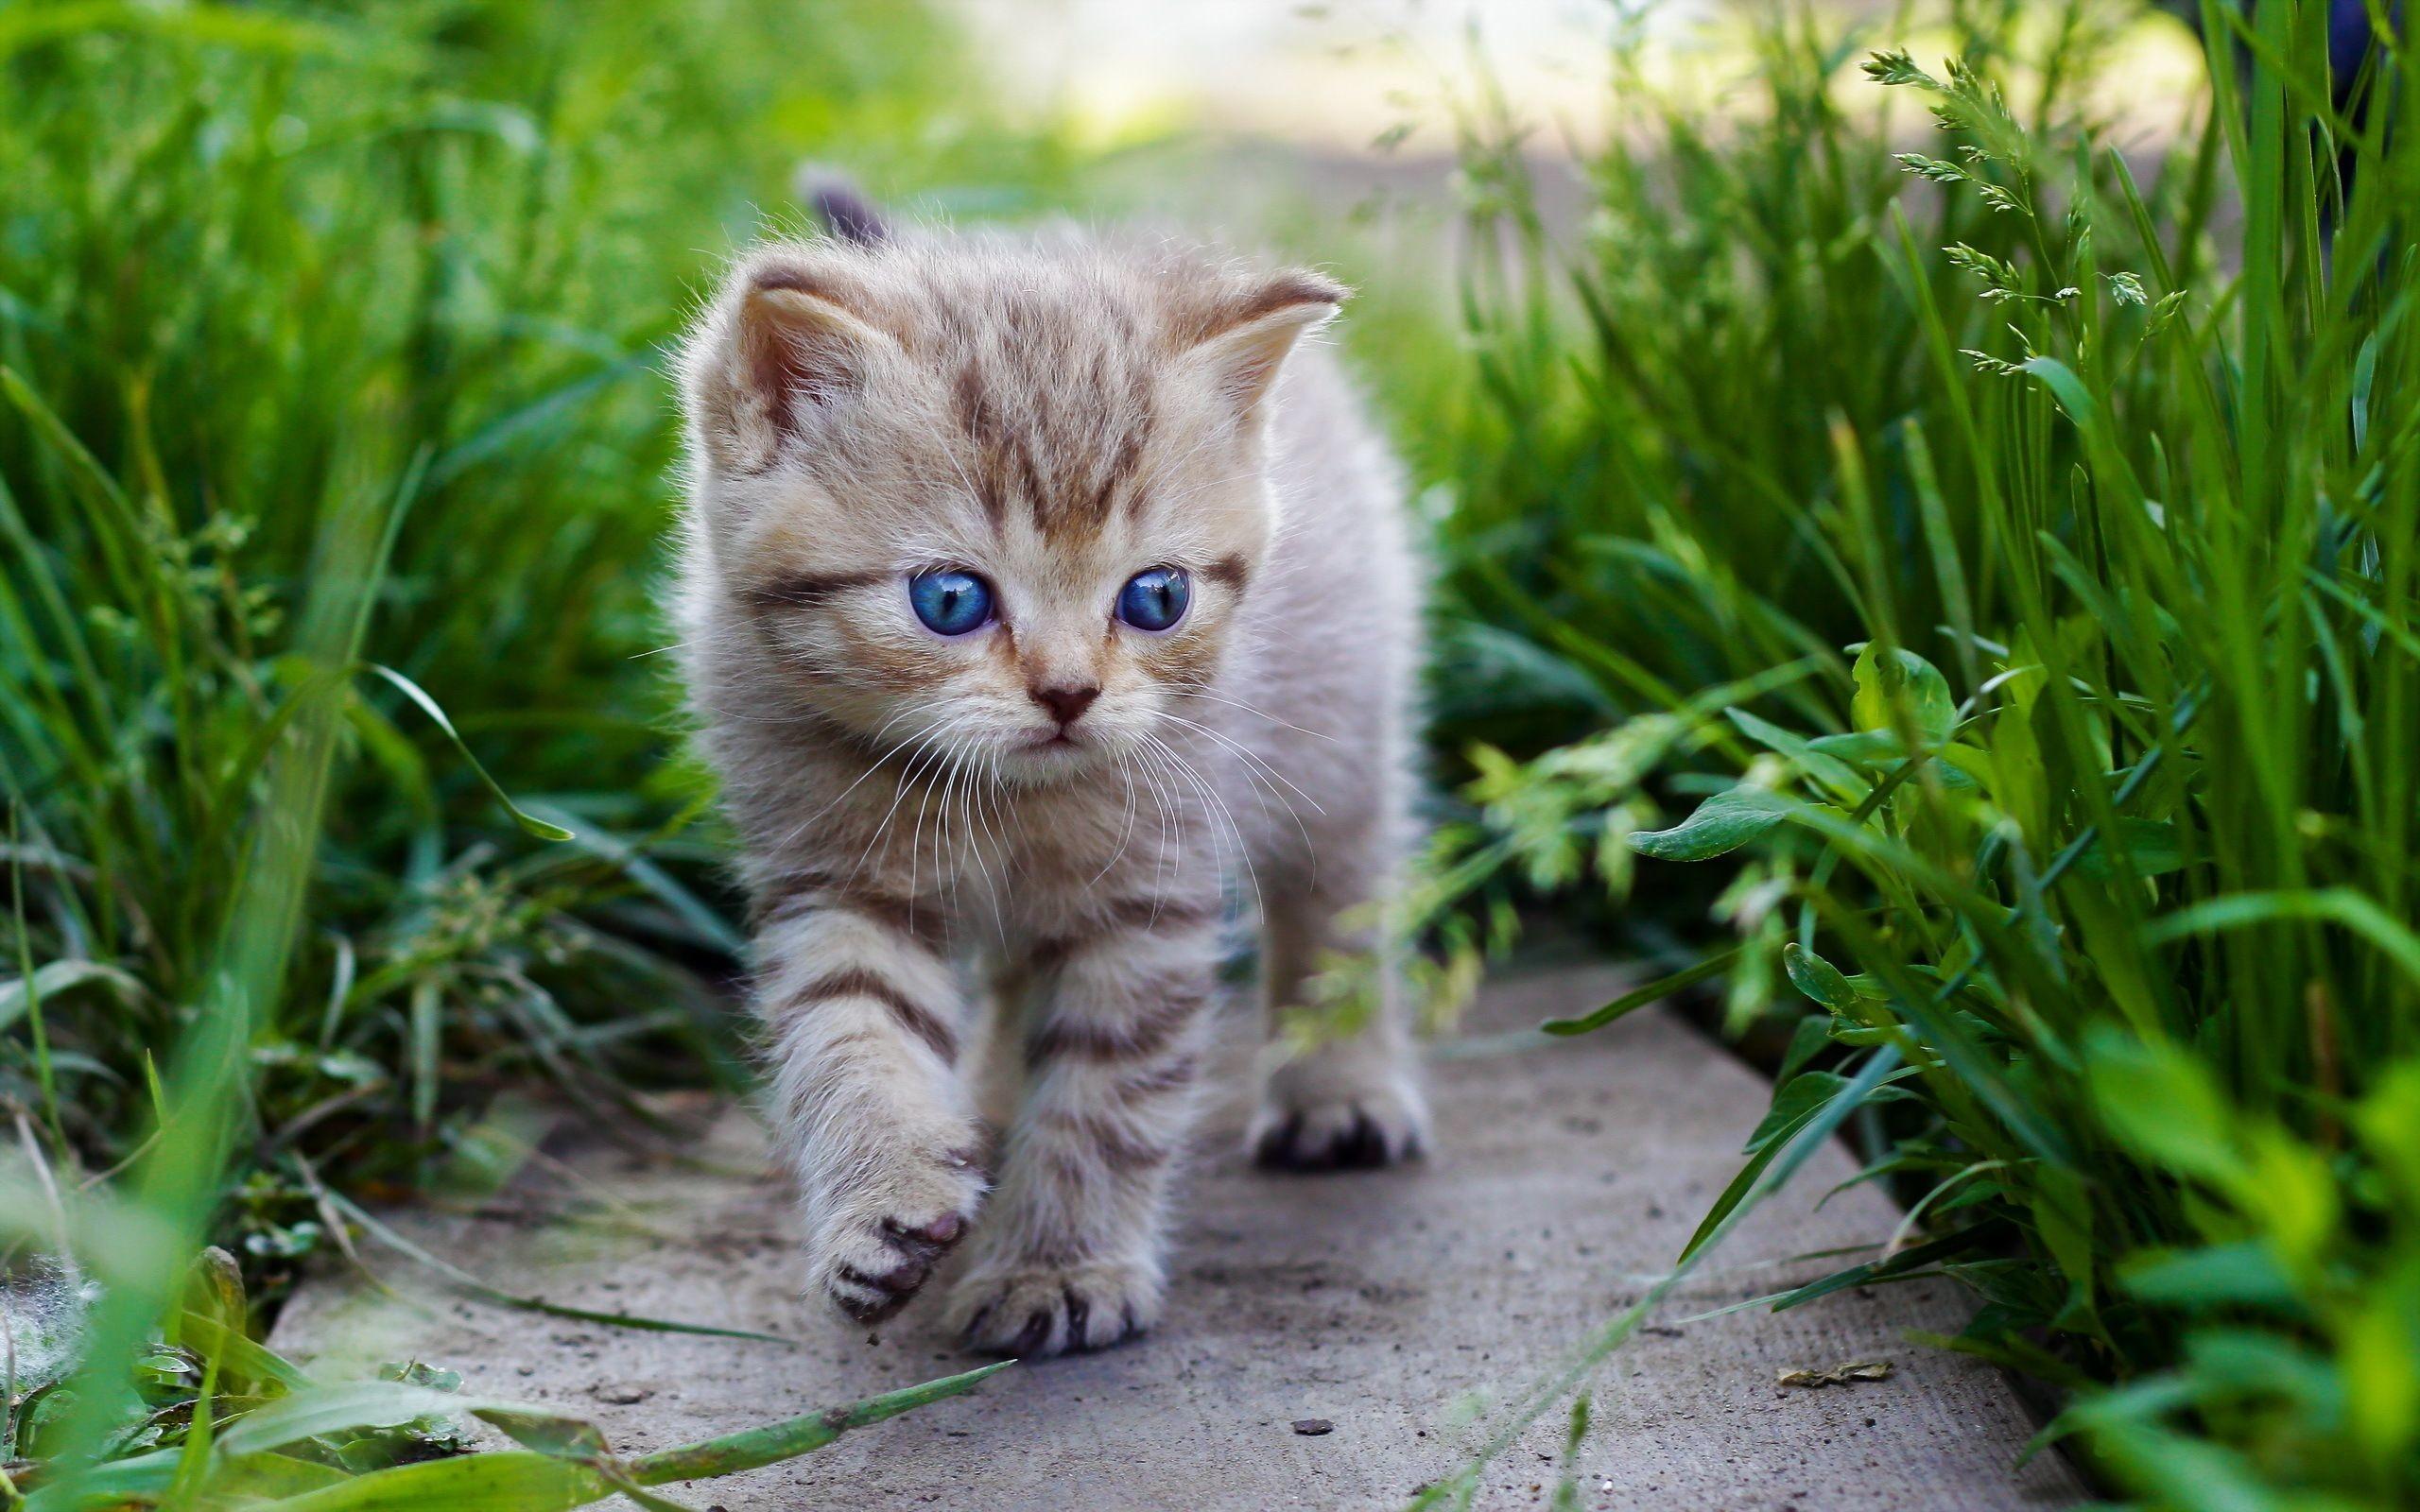 Res: 2560x1600, Cats Kittens Grass Animals kitten eyes baby cute cat wallpaper .